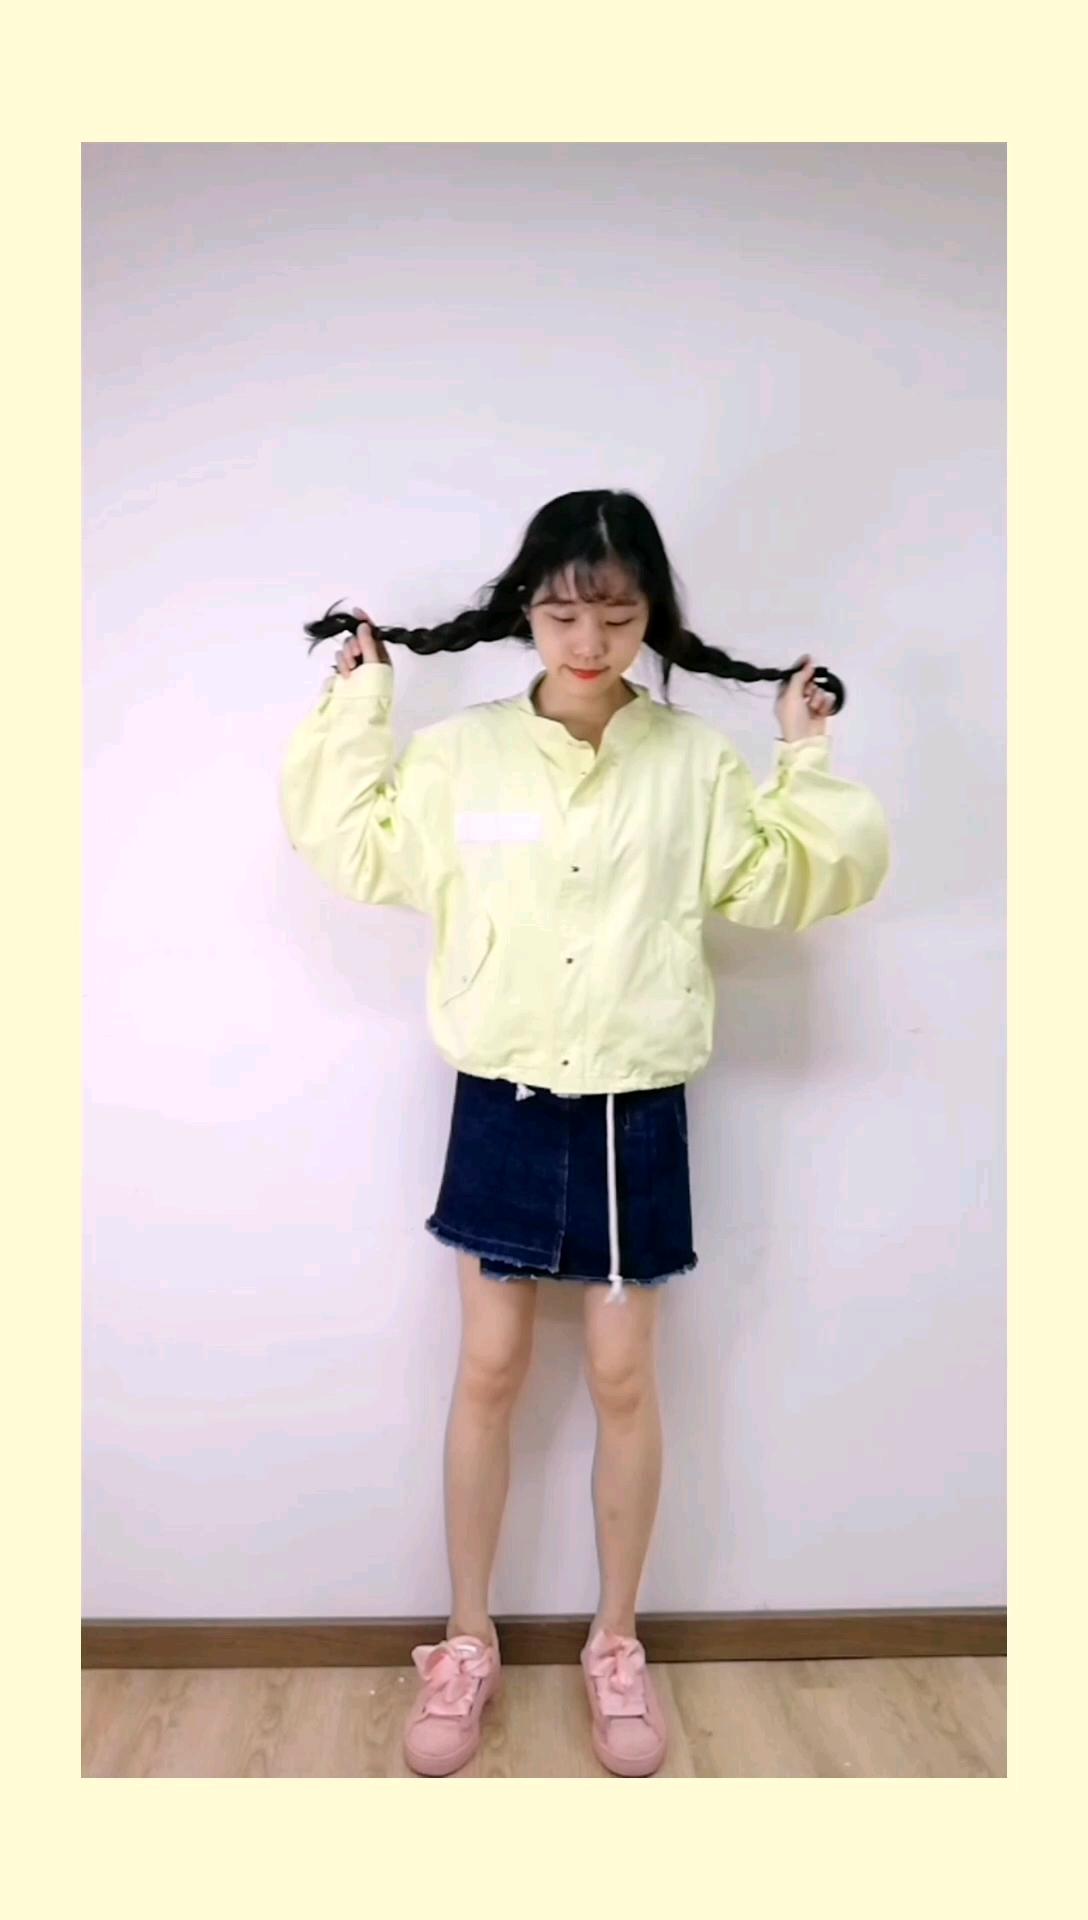 这件减龄外套值得入手~     性感小野马瞬间变小可爱,宽松超大蝙蝠袖,上身效果bf风,而且黄色青春活力,搭配牛仔休闲可爱~短款外套,里面简单搭个小吊带,再来个a字裙显腿长~#皮卡丘同款黄上身,萌神归你!#